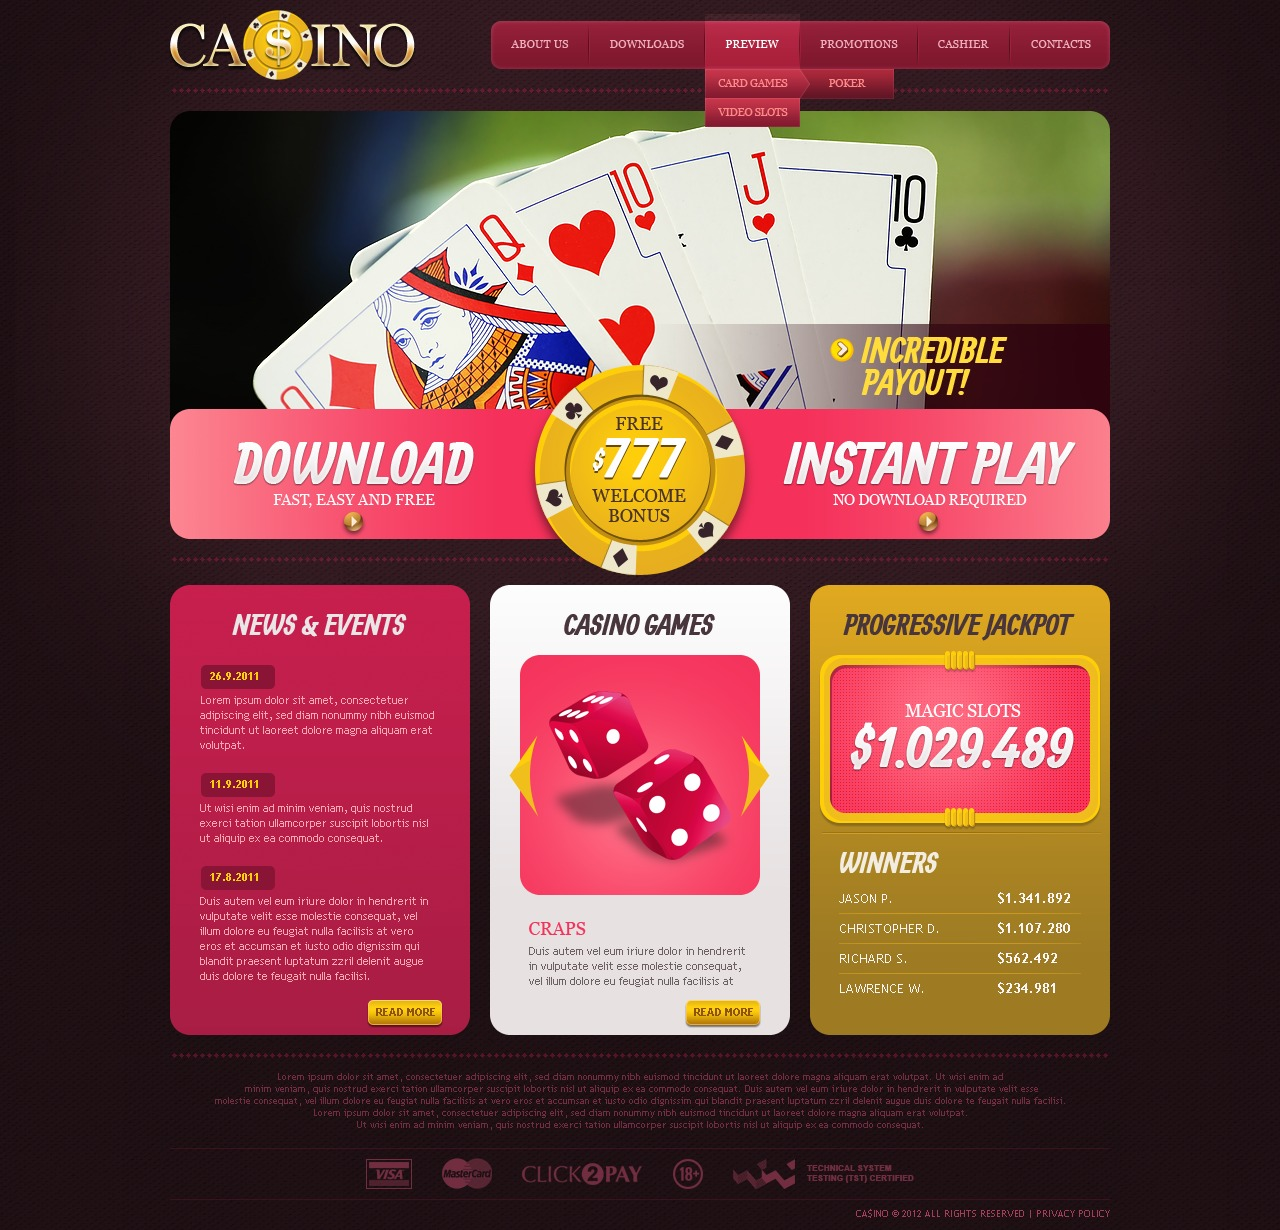 网上赌场网页模板 #37533 - 截图